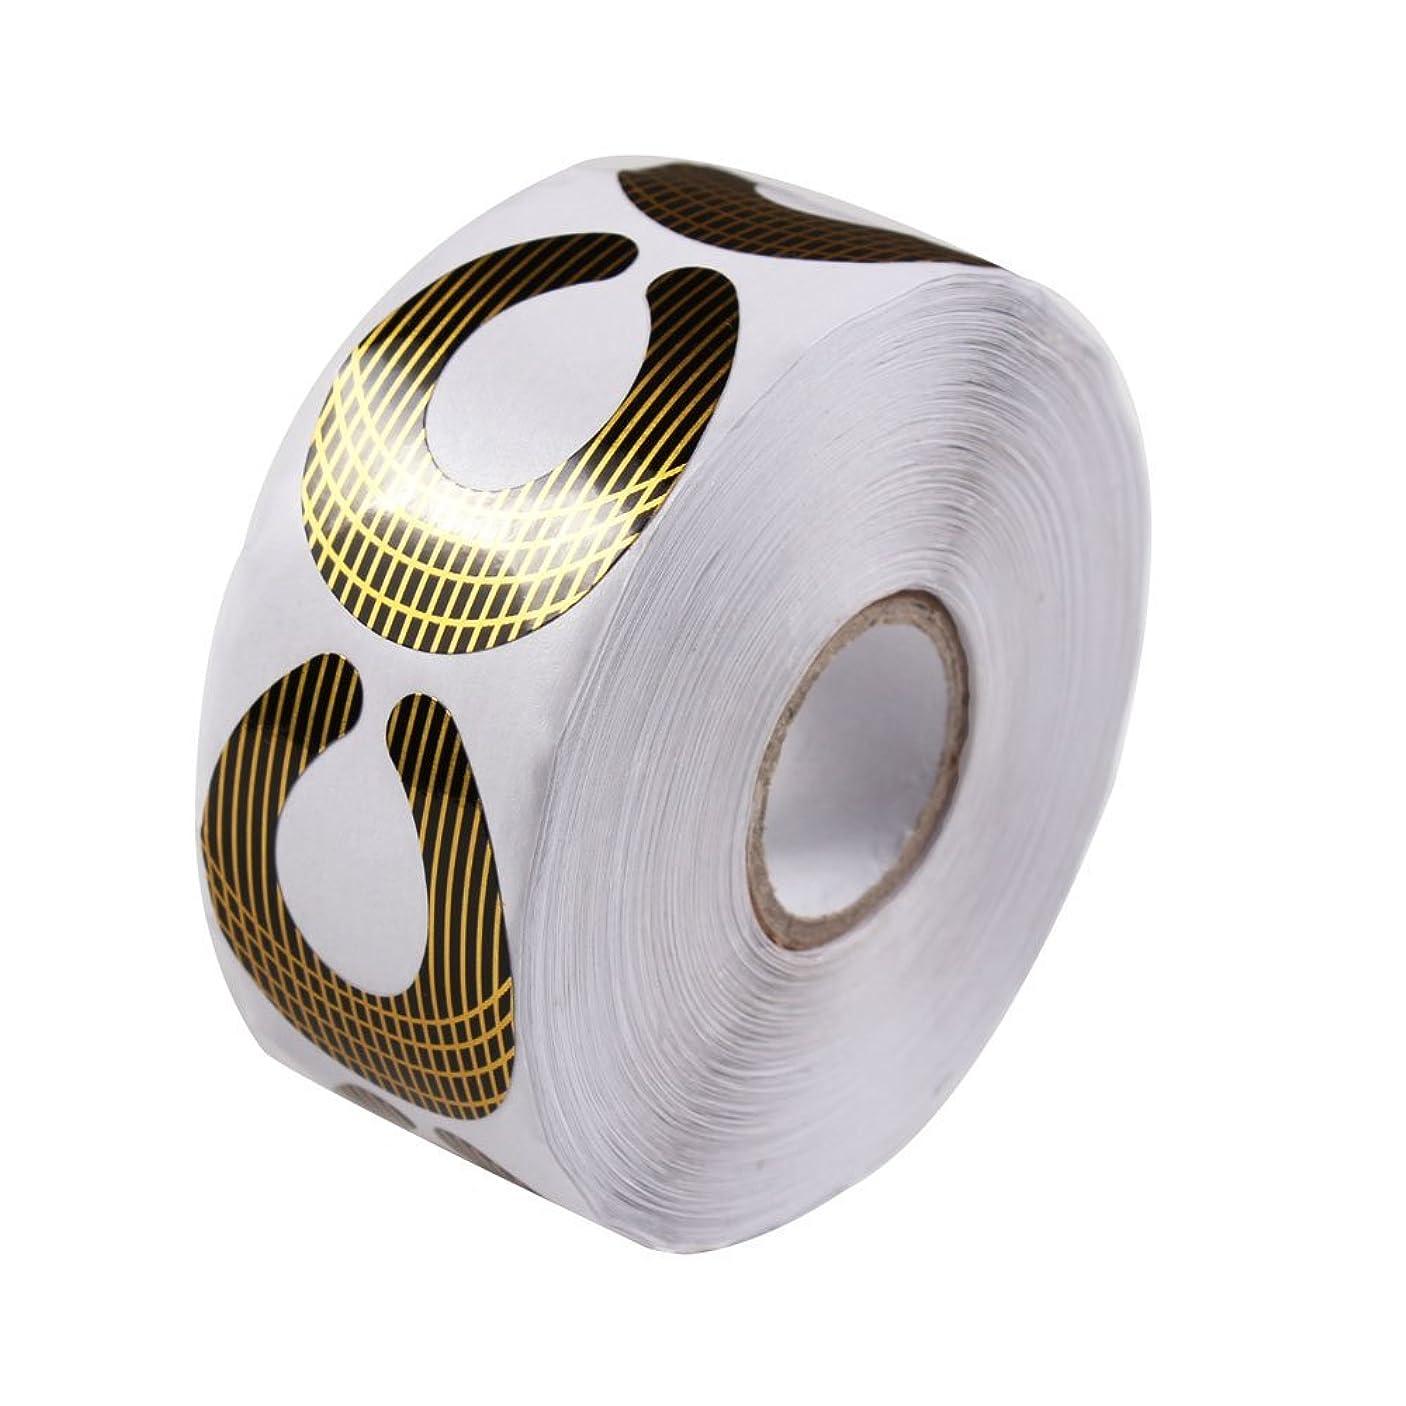 領事館ステーキ厳密にFingerAngel 2018夏 新しいデザイン ネイルフォーム ゴールド 500枚 ネイルアート練習 ネイルサロンも自宅も簡単に使えるネイルフォーム